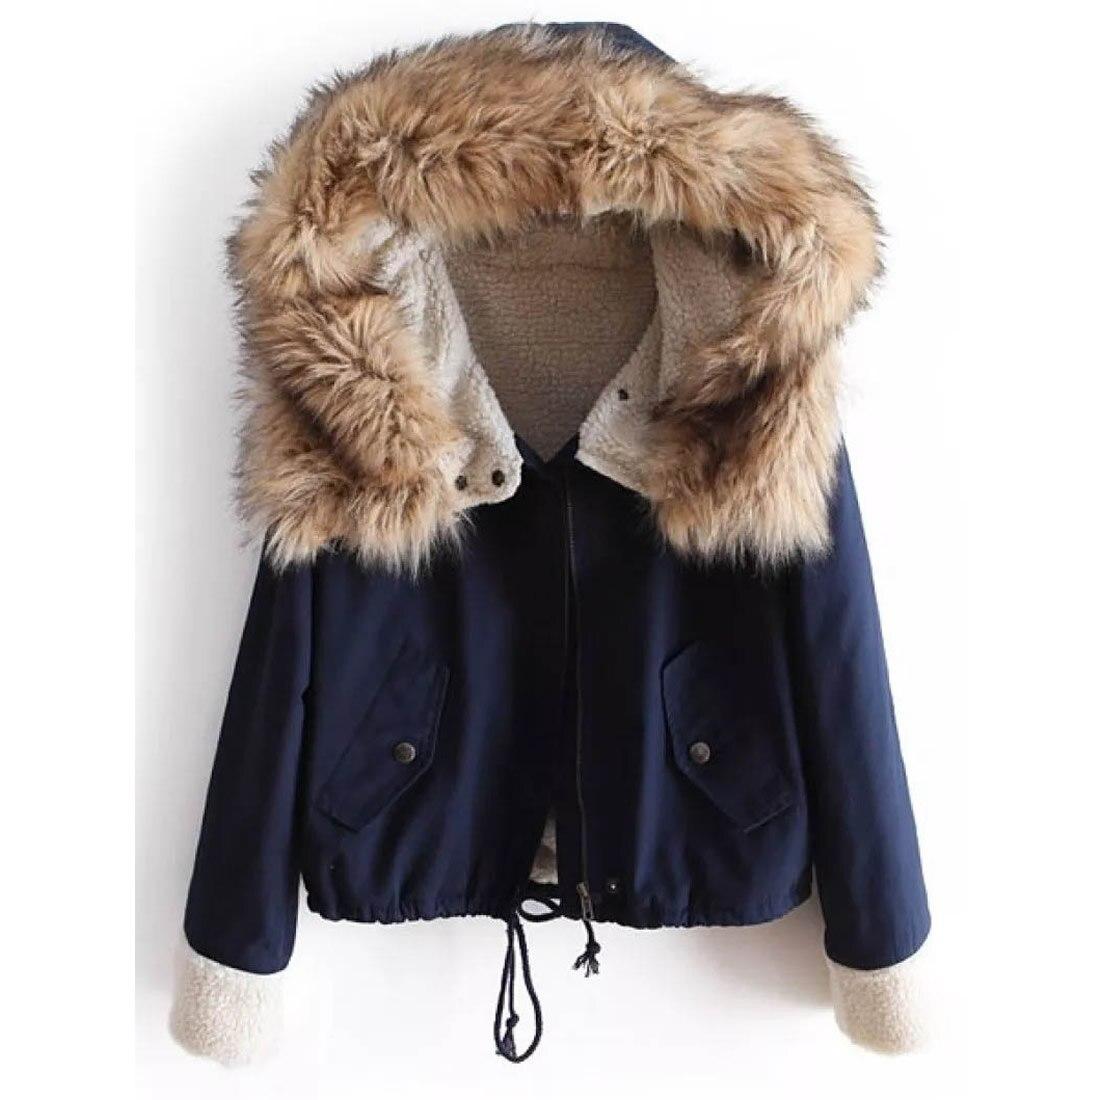 2018 mode femme bleu marine grand col de fourrure de raton laveur à capuche manteau Parkas Outwear détachable fourrure de lapin doublure hiver veste